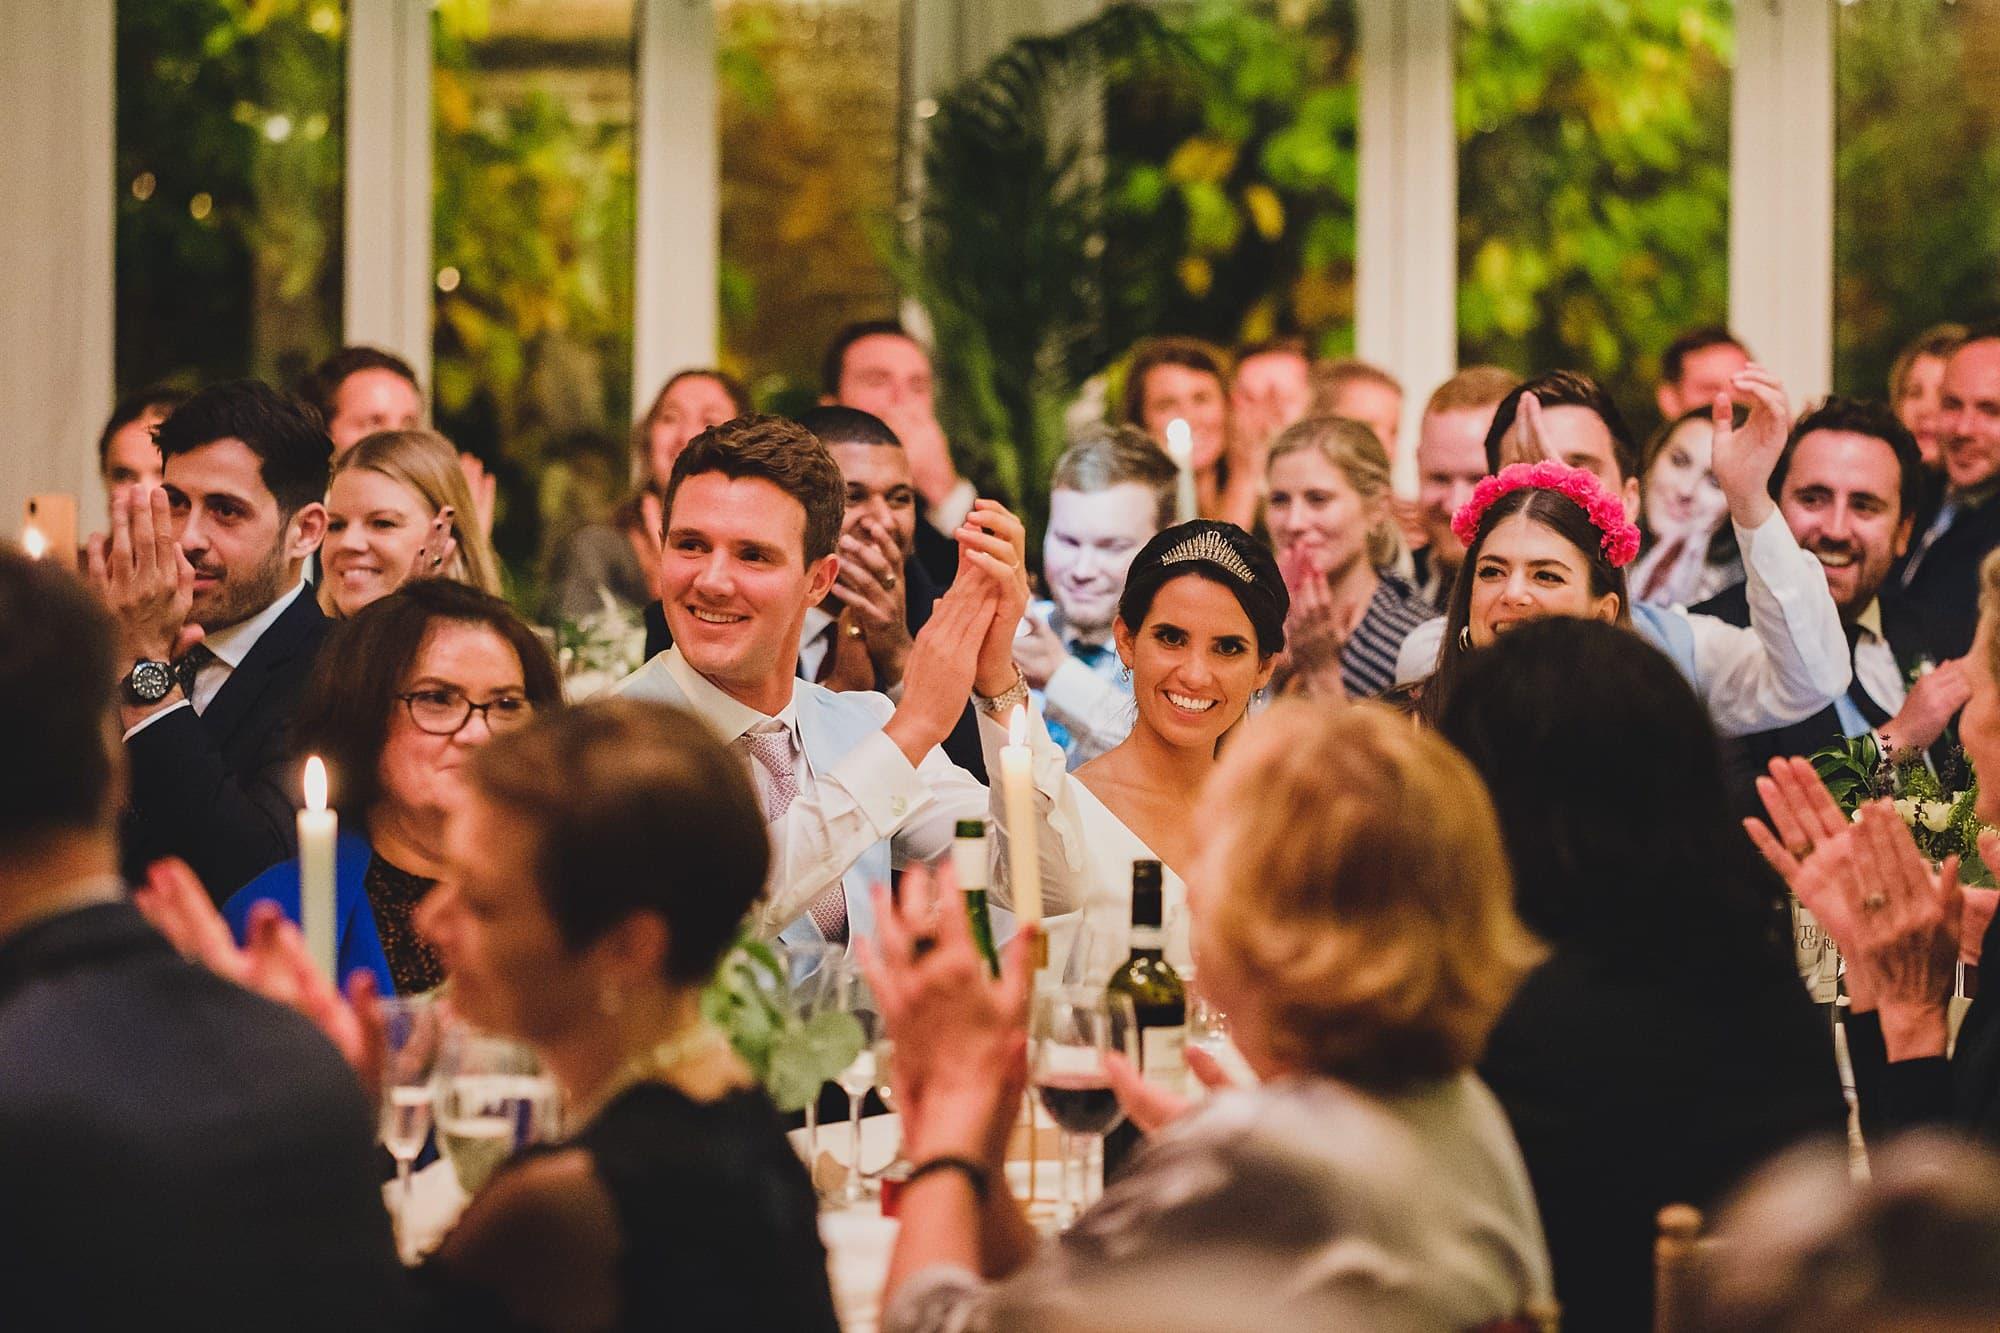 fulham palace wedding photographer ok 085 - Olivia + Kyle